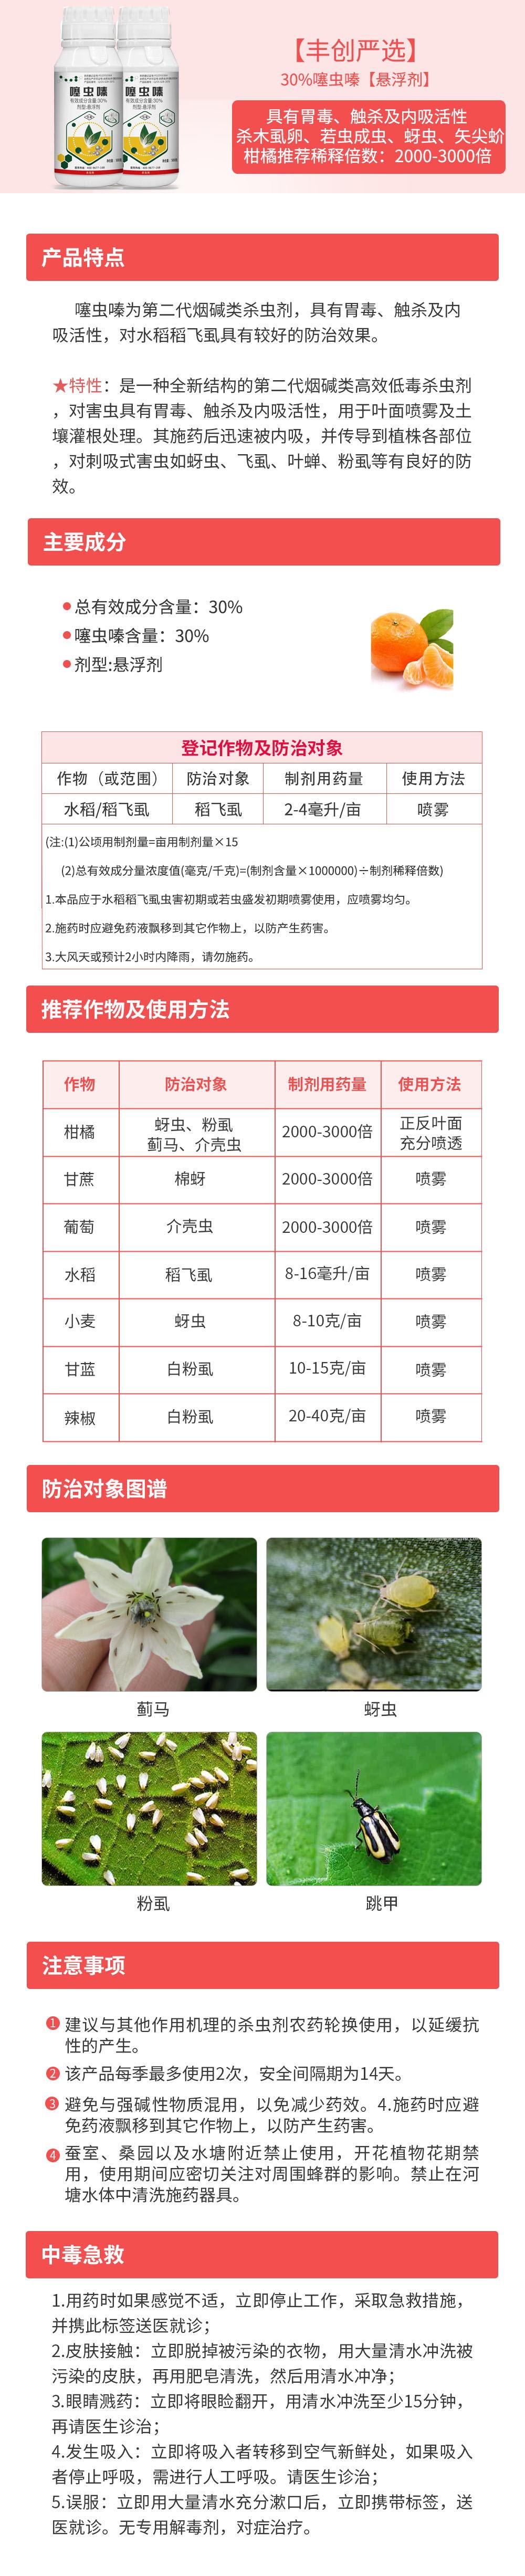 30%噻虫嗪商详_看图王.jpg